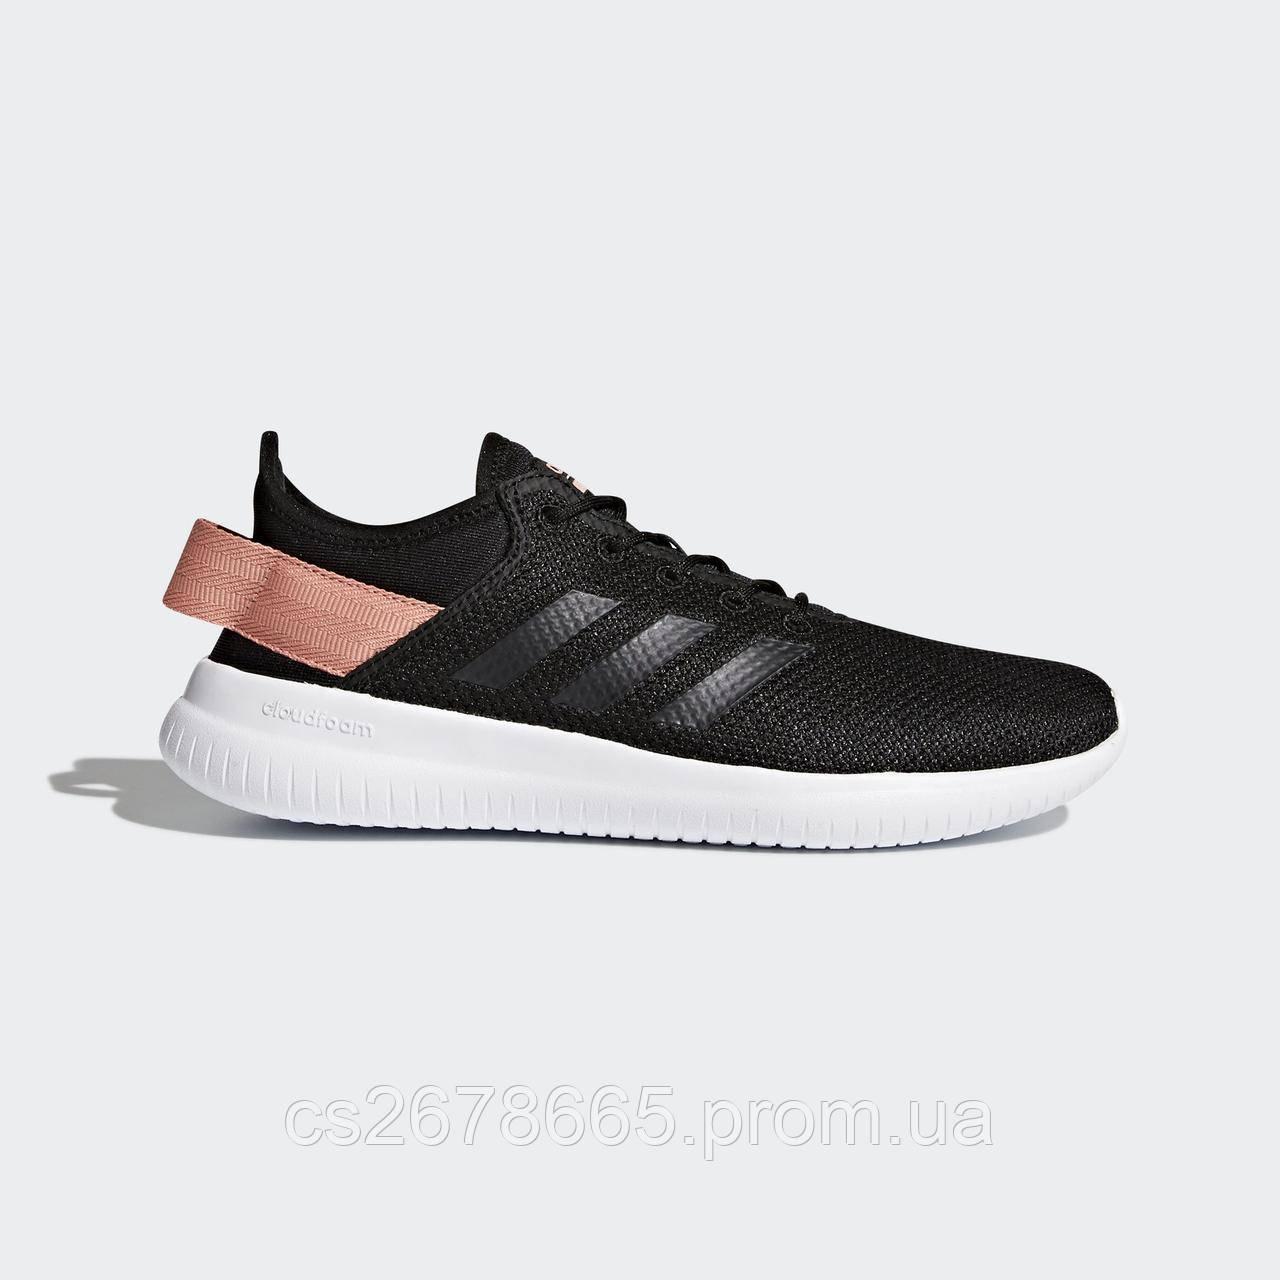 Женские кроссовки Adidas Cloudfoam QT Flex AQ1622